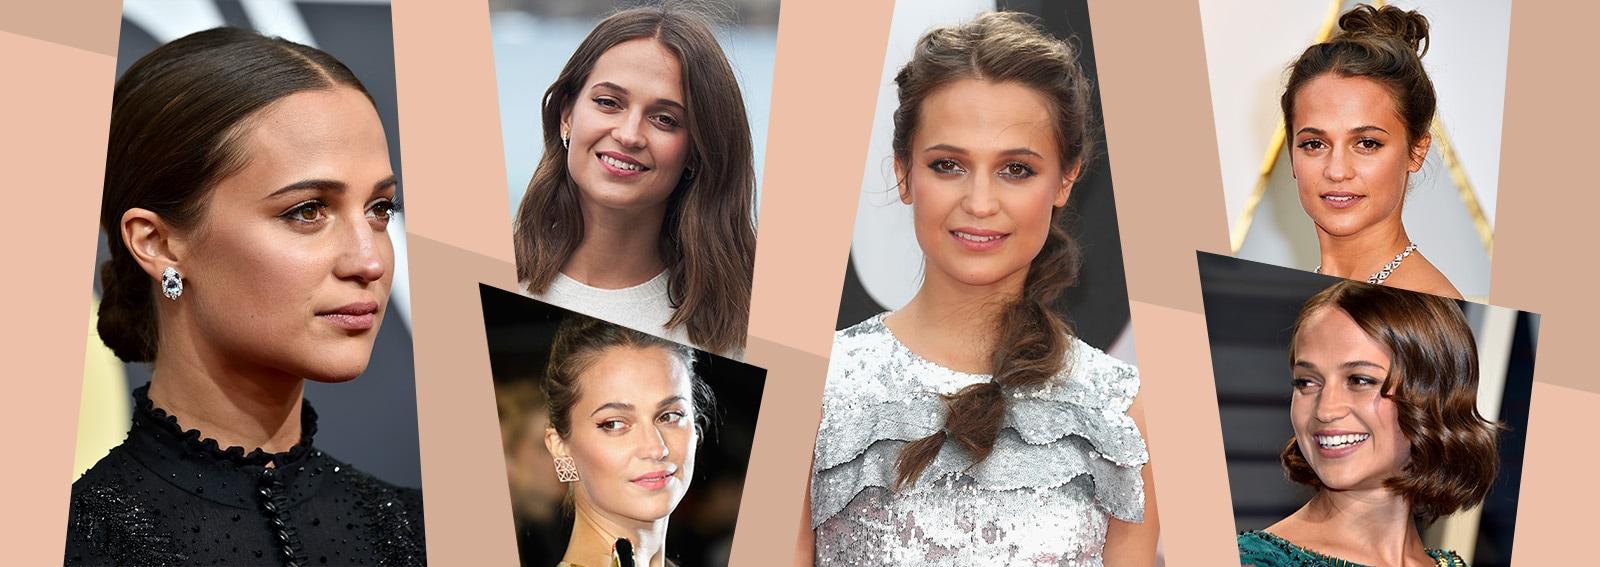 Tutti i migliori beauty look di Alicia Vikander, la nuova Lara Croft